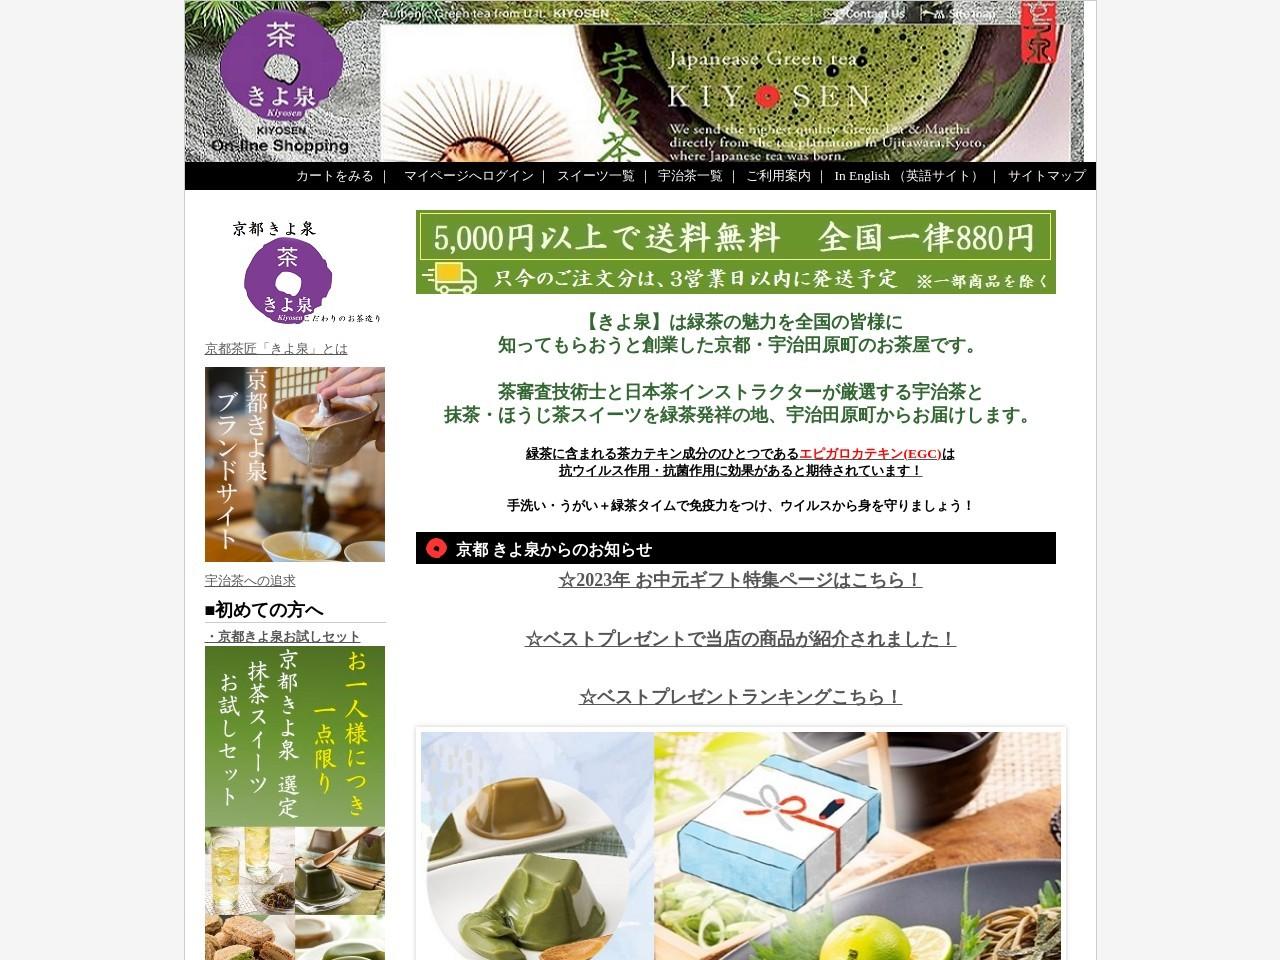 京都きよ泉の宇治茶、抹茶スイーツのお取り寄せ